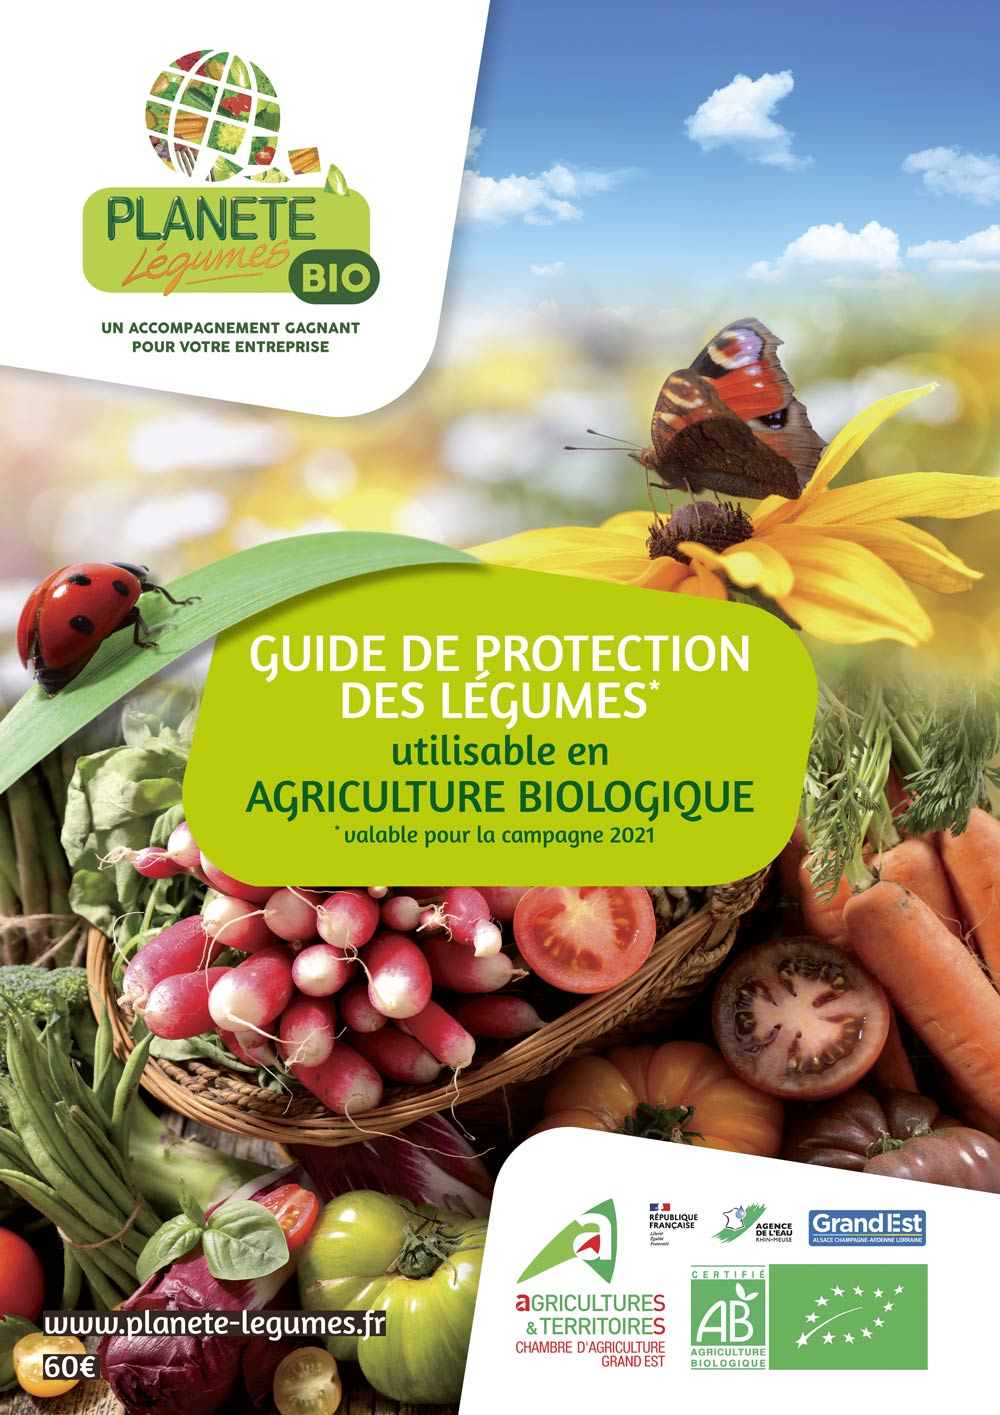 Guide de protection des légumes utilisable en AB